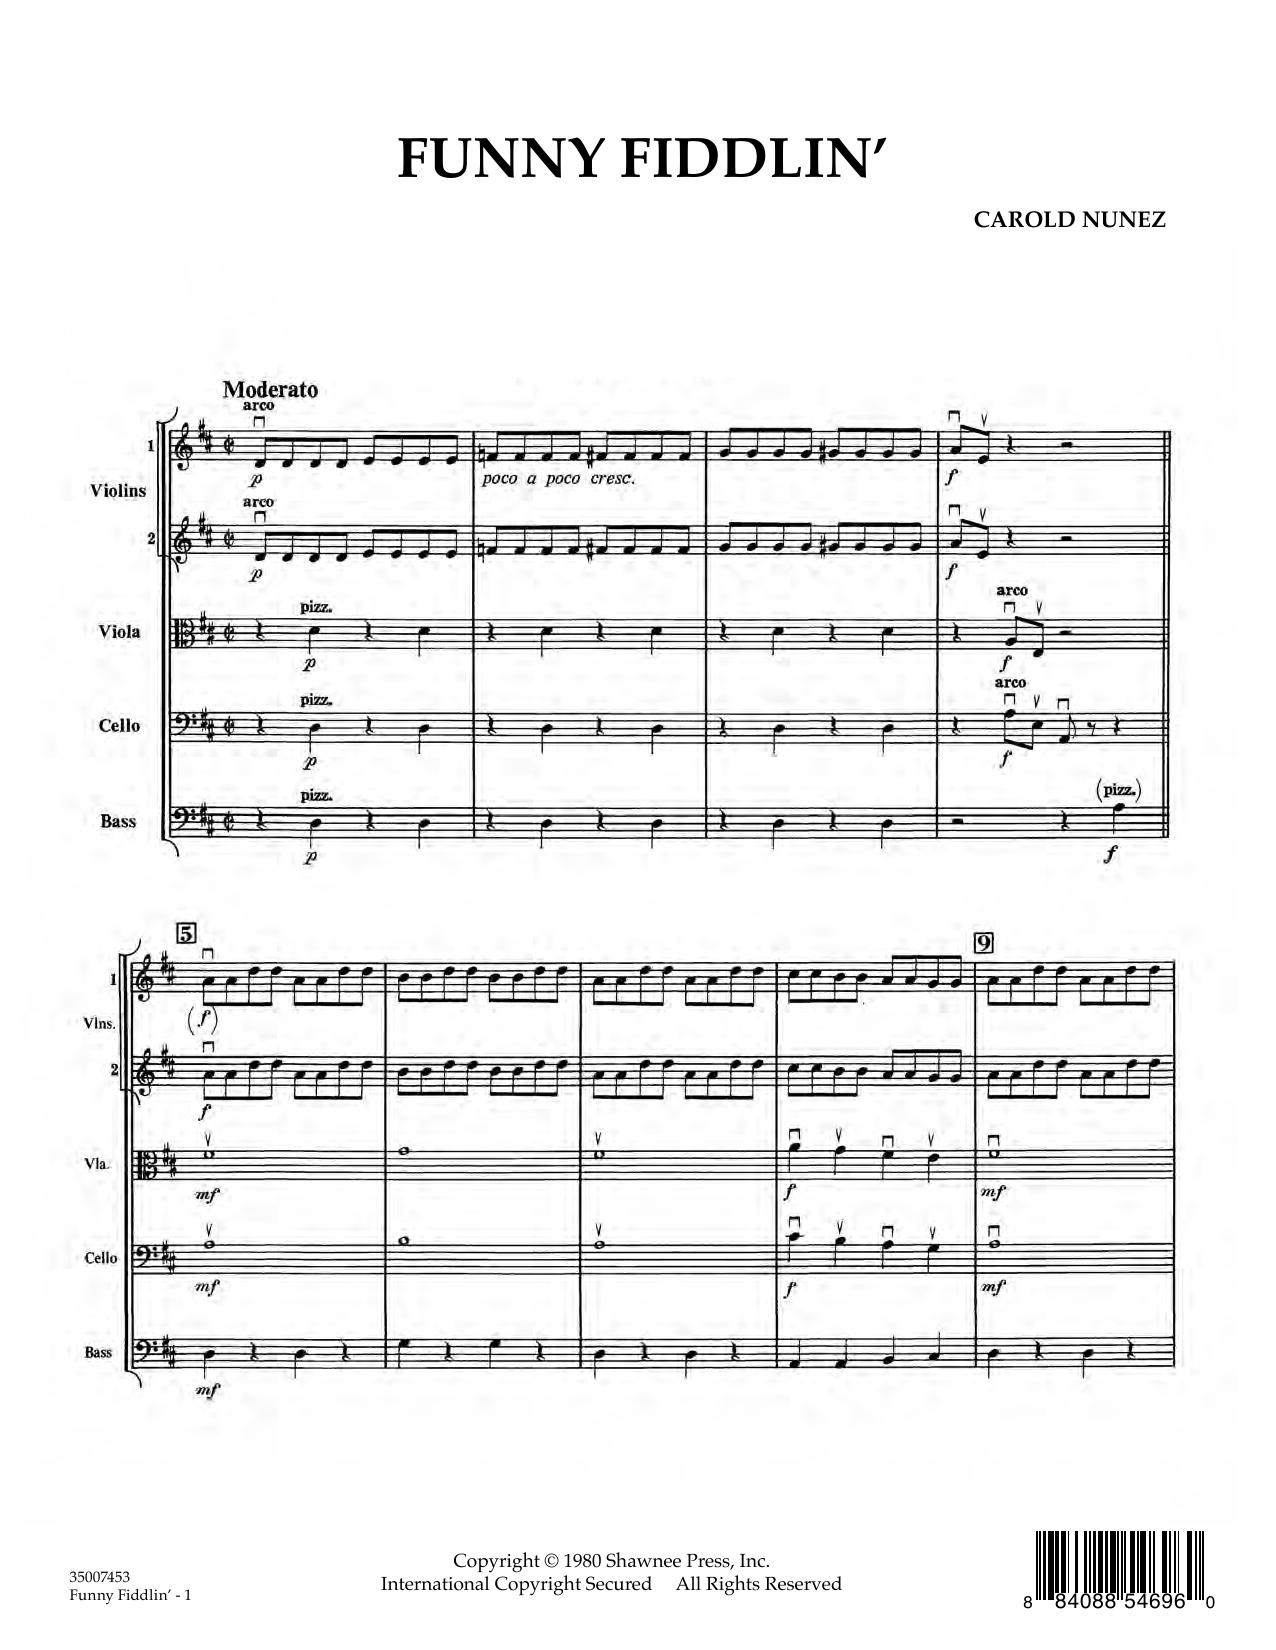 Funny Fiddlin' - Full Score